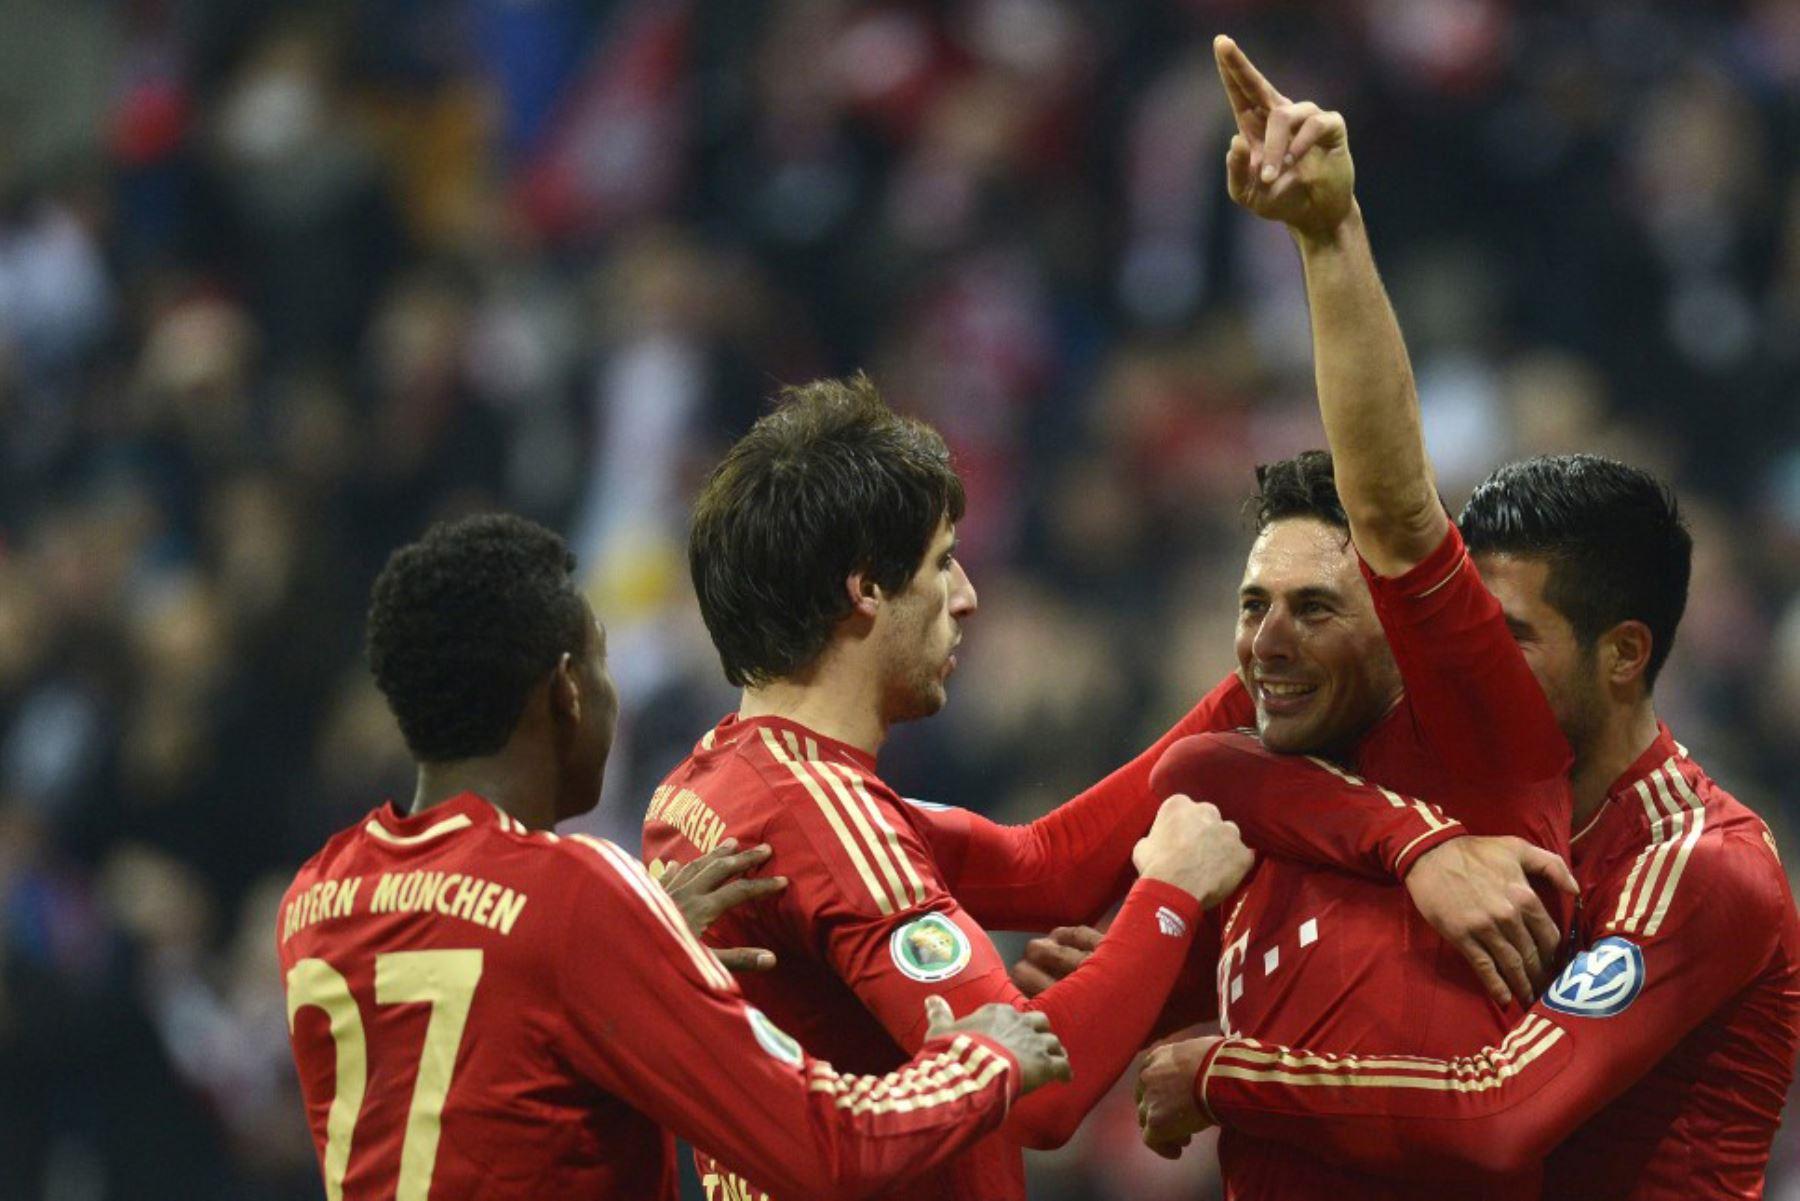 El delantero Claudio Pizarro y el centrocampista del Bayern Múnich, Emre pueden celebrar después del tercer gol para Múnich durante el partido de segunda ronda de la Copa de fútbol alemana entre el FC Bayern Múnich y el FC Kaiserslautern en Múnich, sur de Alemania. Foto: AFP